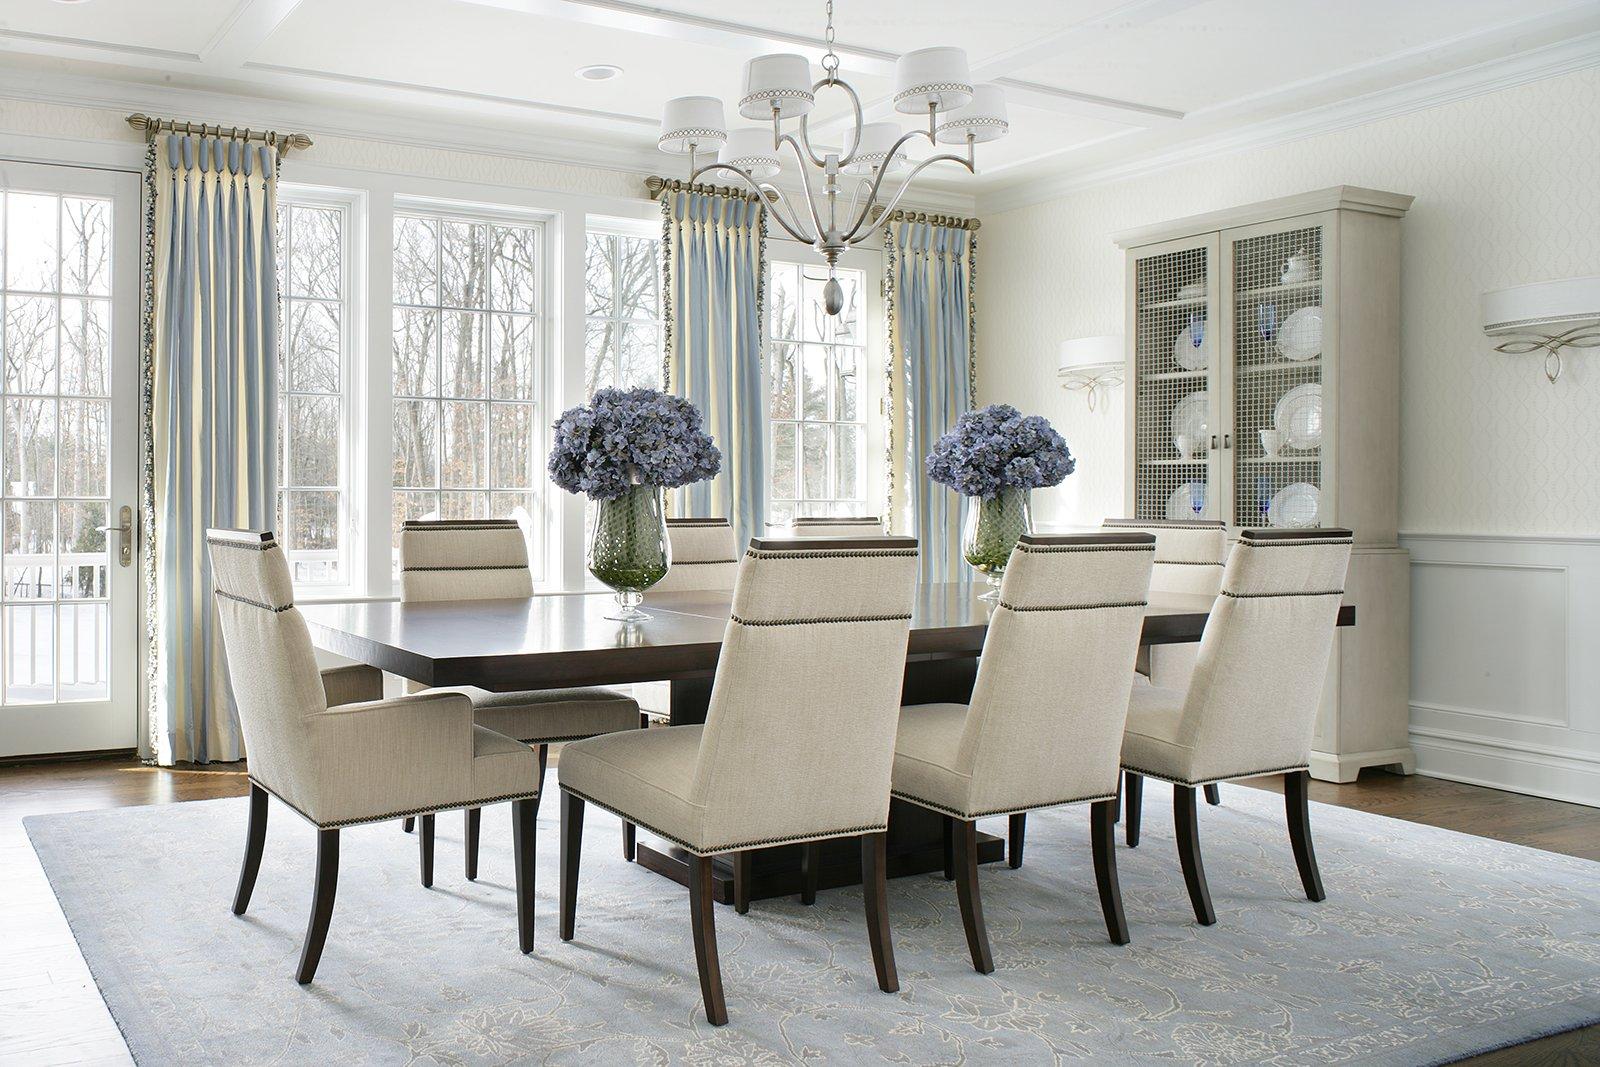 Najbardziej stylowe krzes a do jadalni blog for Small dining room design inspiration